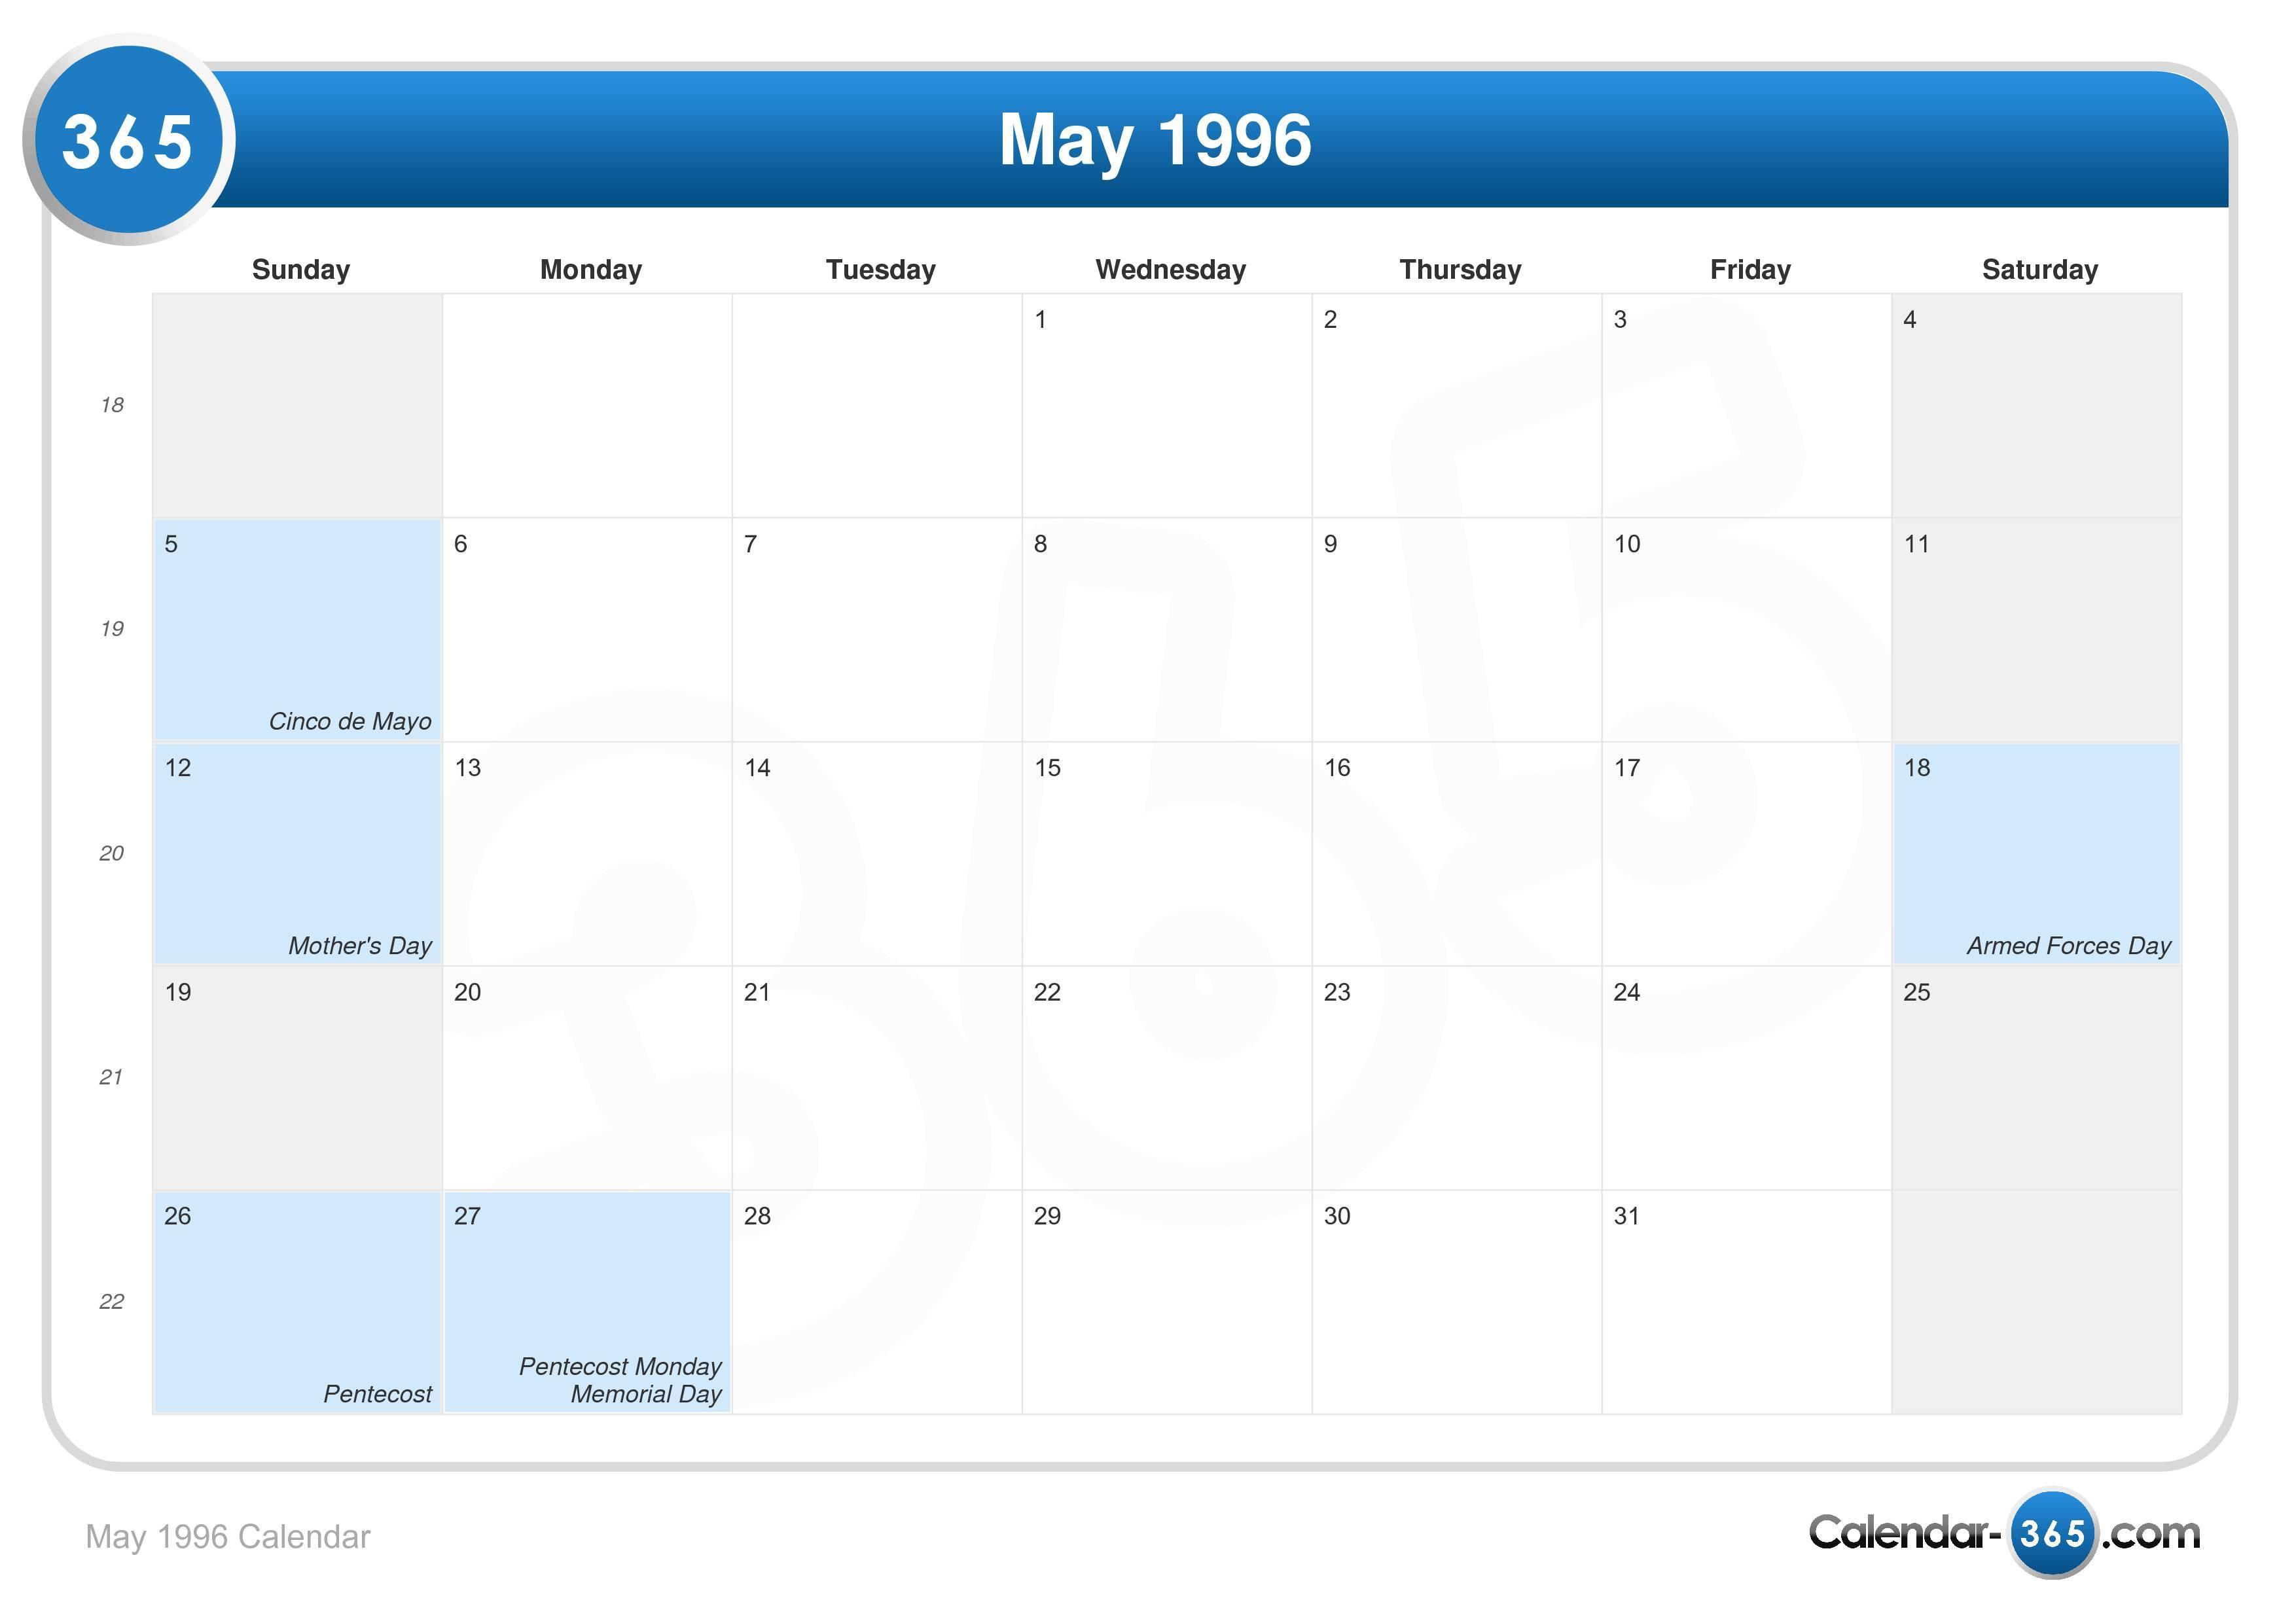 May 1996 Calendar